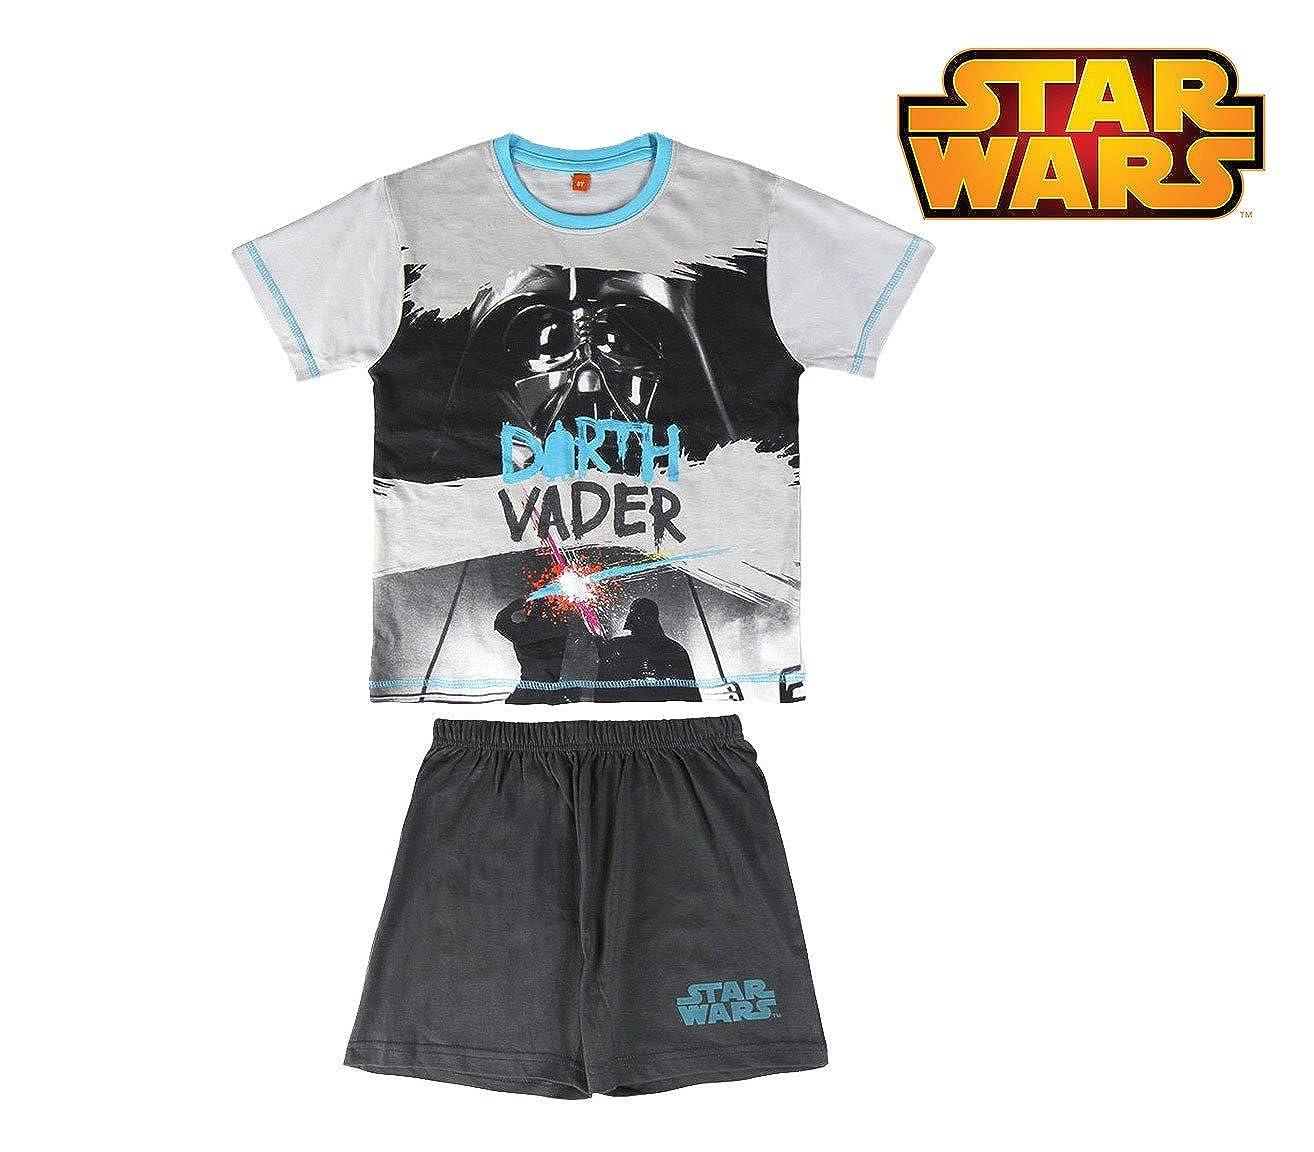 8 Anni MEDIA WAVE store Pigiama Star Wars 22-1975 da Bambino Estivo in Cotone Taglie 8-10-12 Anni